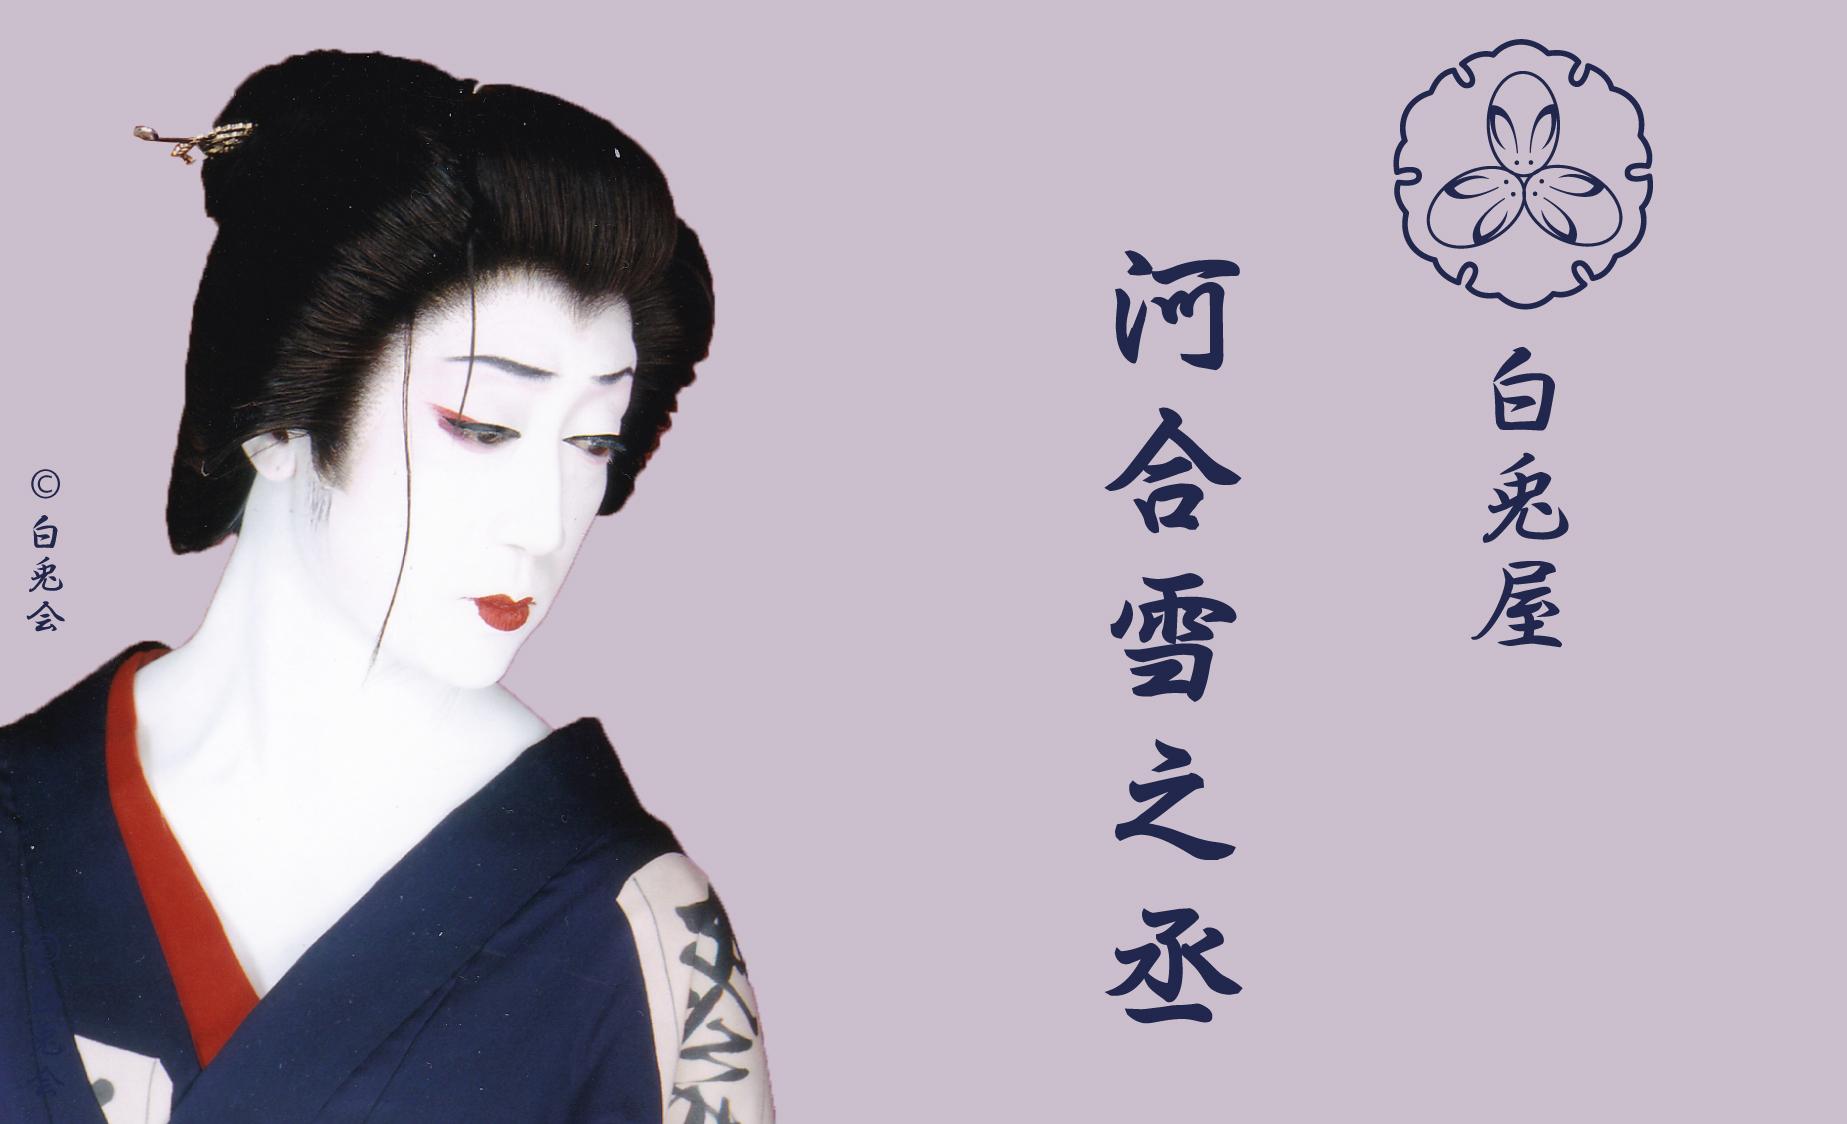 女方・白兎屋 - 河合雪之丞オフィシャルサイト